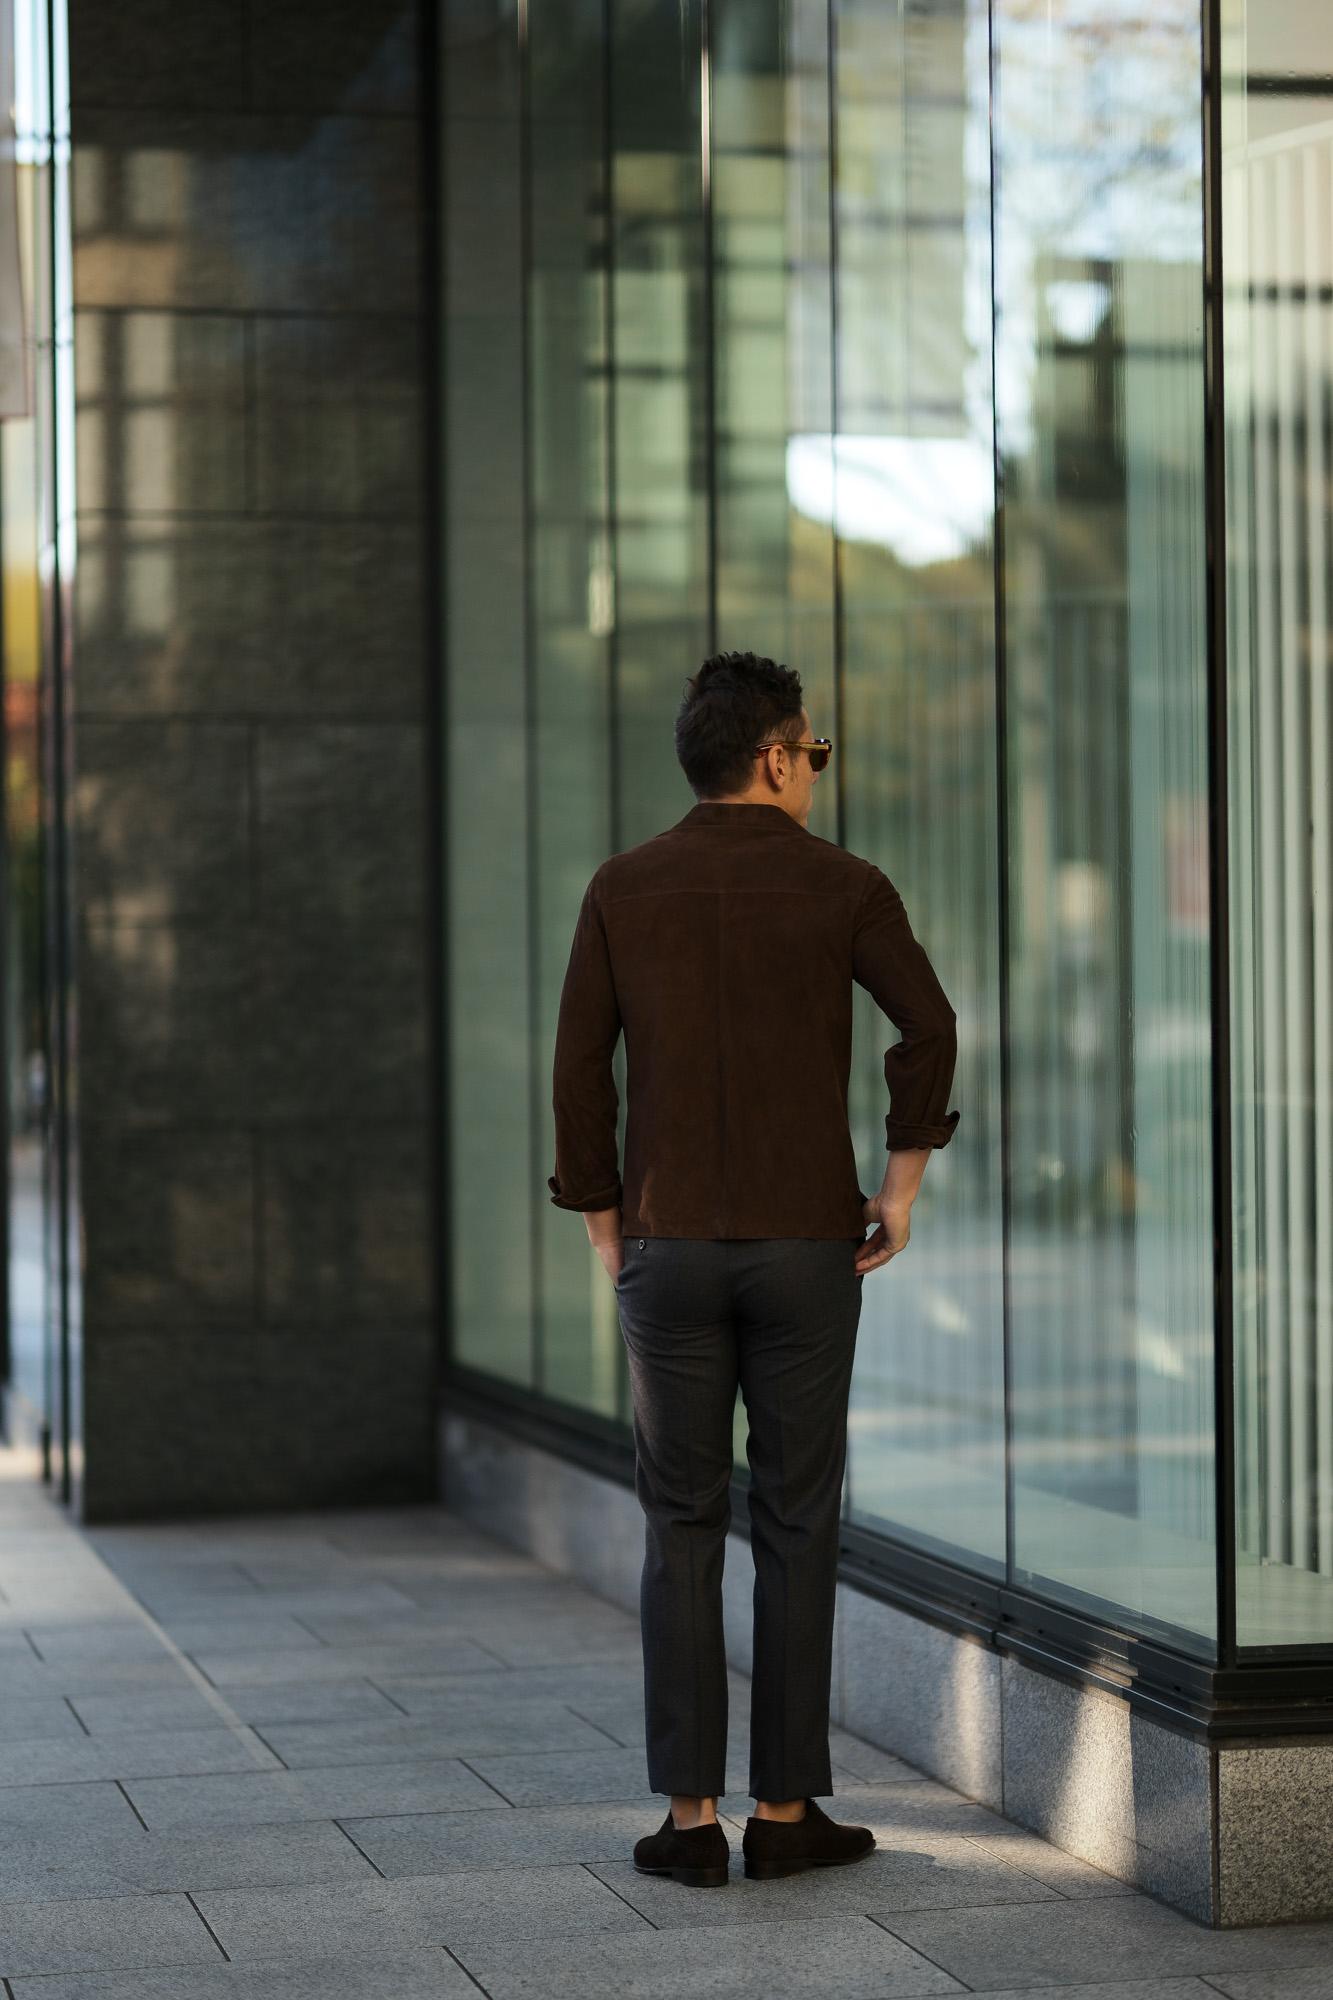 Alfredo Rifugio (アルフレード リフージオ) SS326 CAMOSCIO Summer Suede Leather Shirts サマースウェード レザーシャツ BROWN (ブラウン) made in italy (イタリア製) 2019 春夏 【ご予約受付中】alfredorifujio アルフレードリフージオ 愛知 名古屋 Alto e Diritto アルト エ デリット alto e diritto アルトエデリット レザージャケット 素肌にレザー 42,44,46,48,50,52